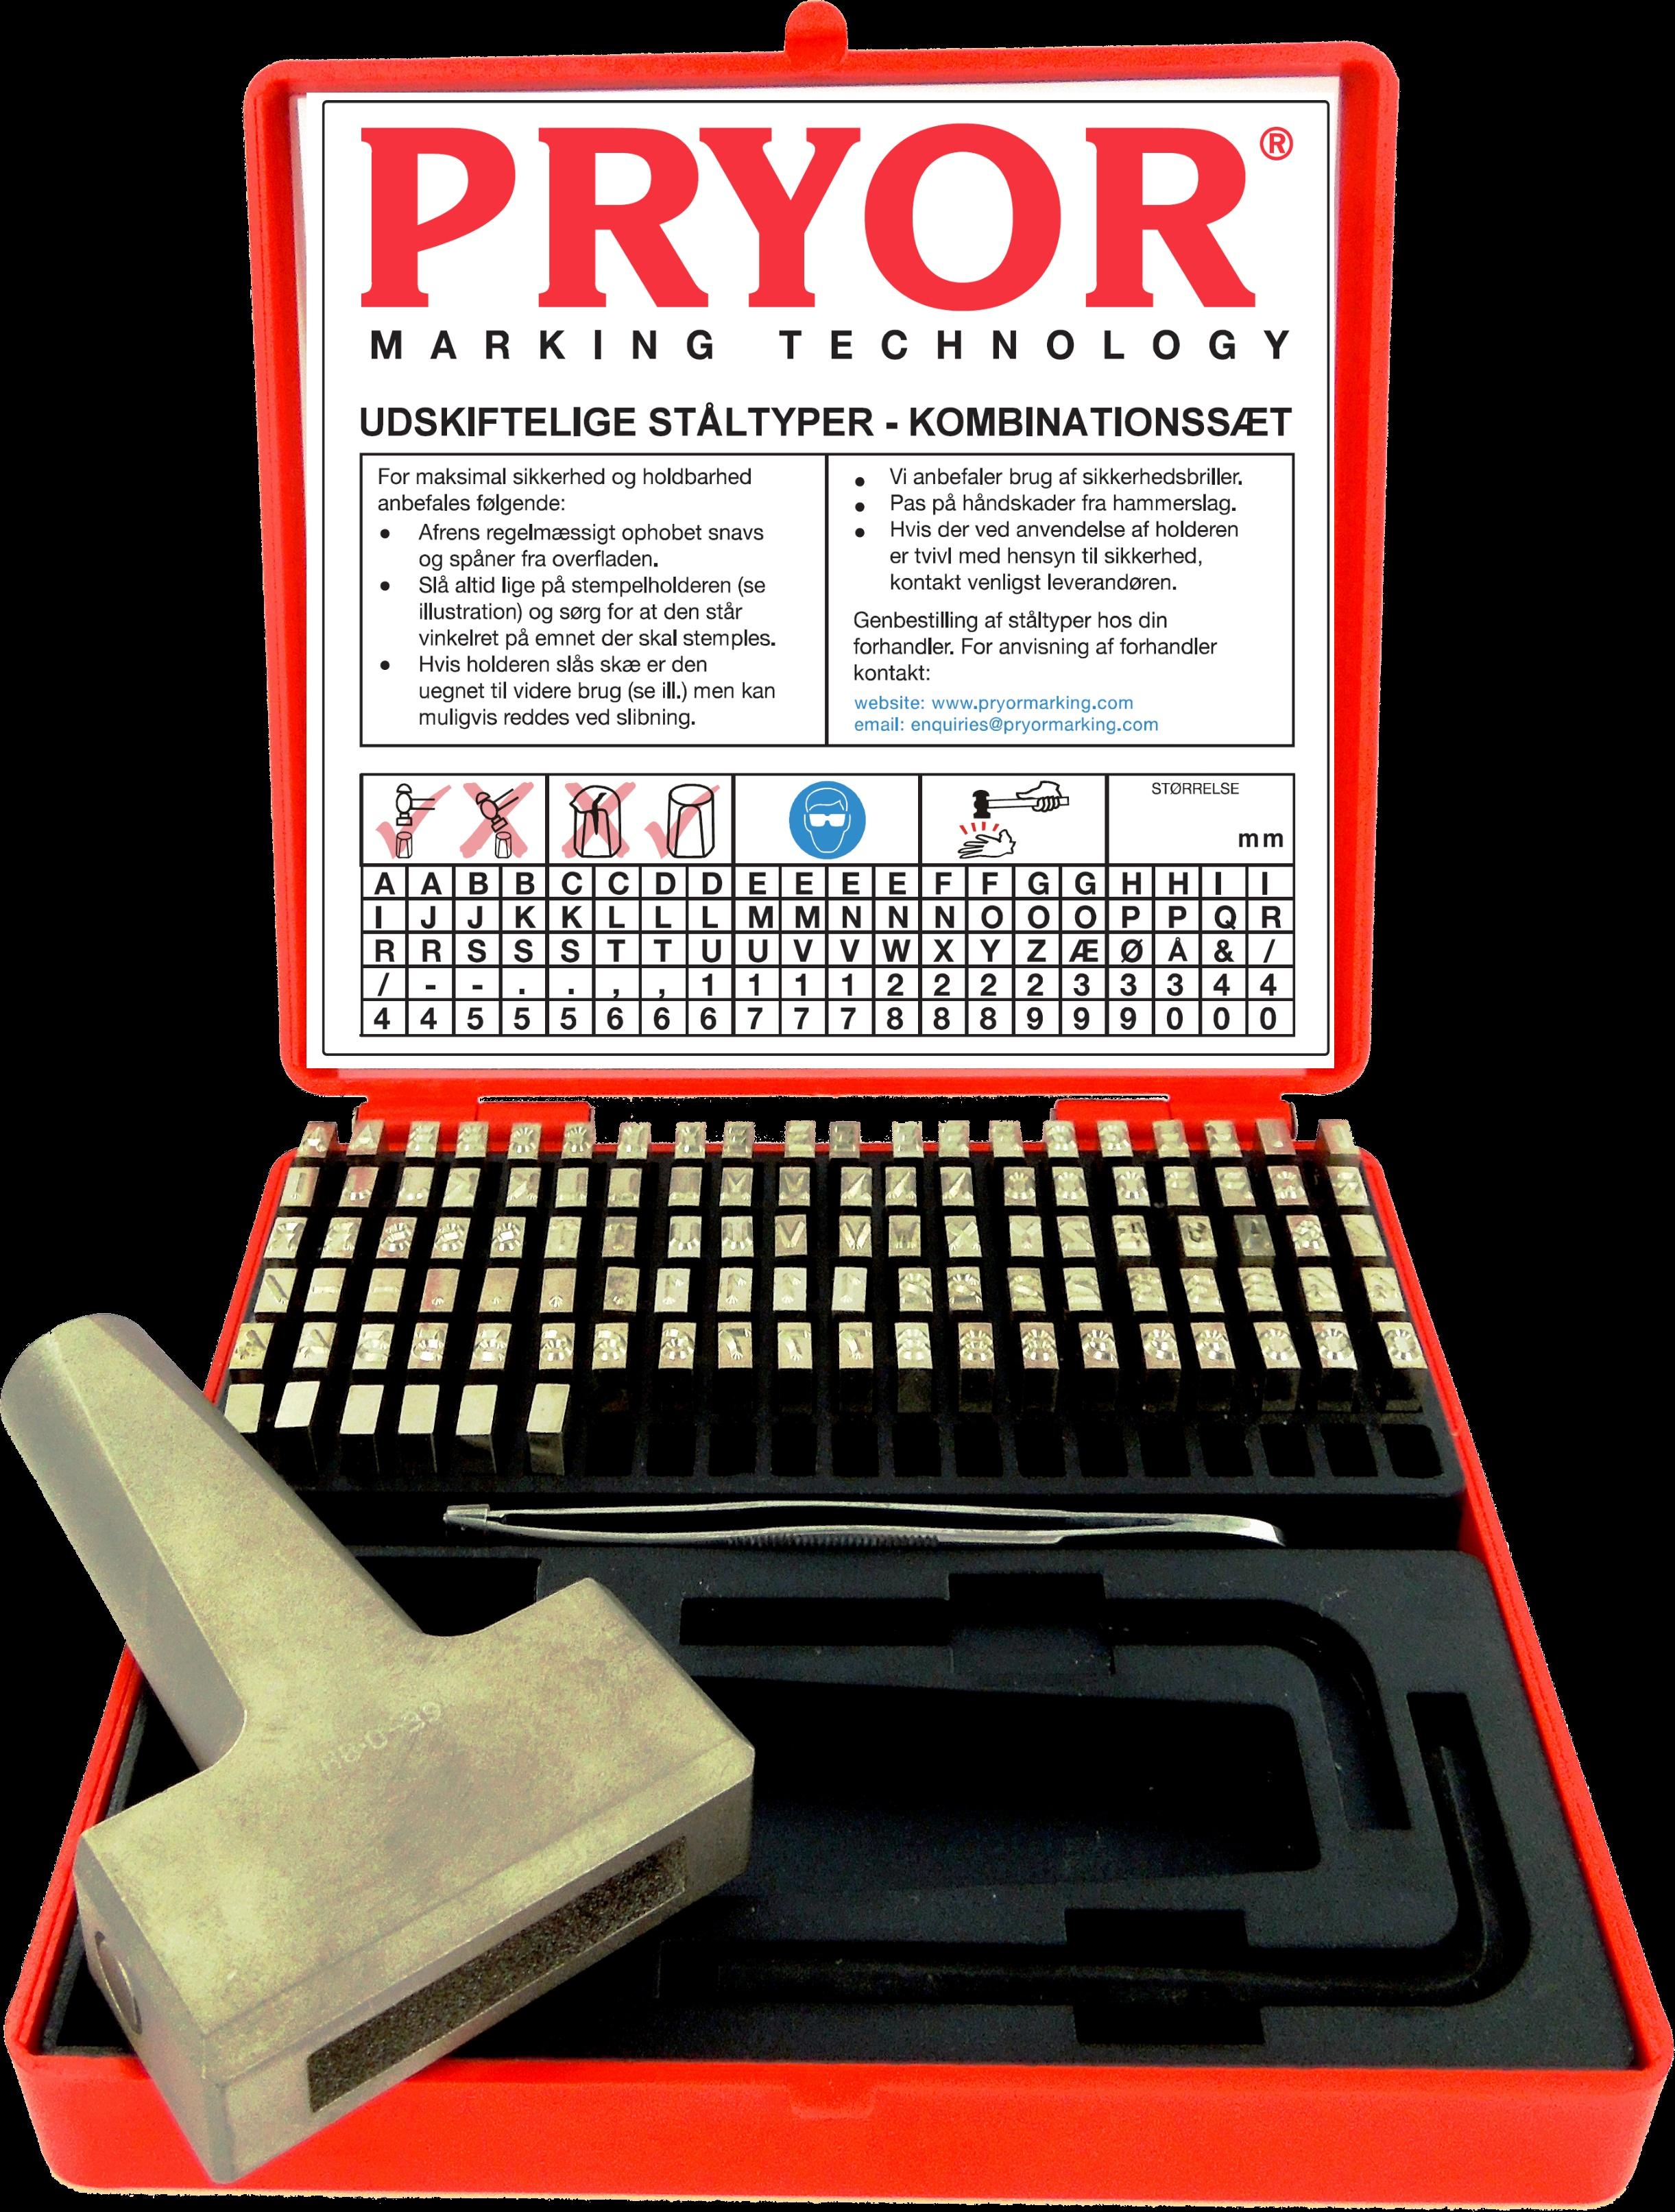 Pryor kombinationssæt - stålbogstaver og tal